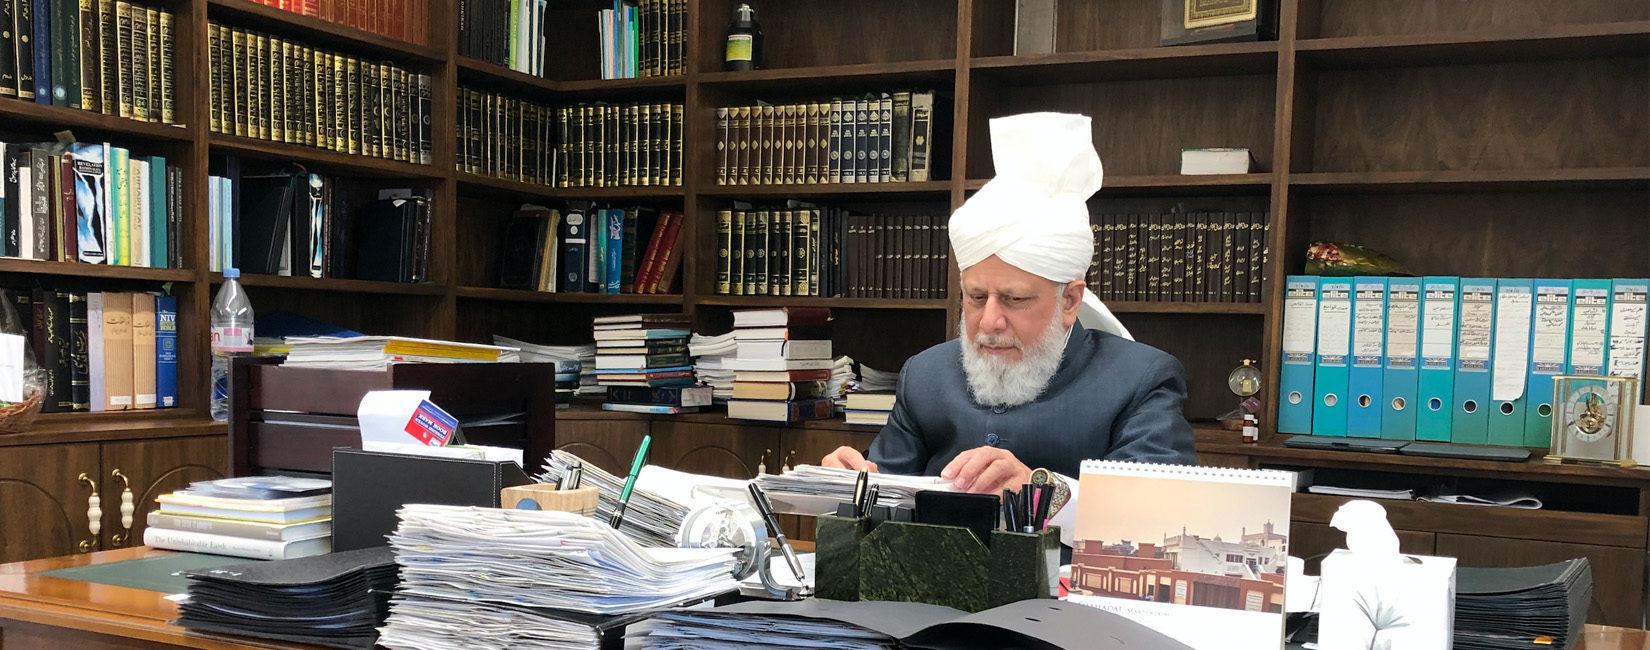 Mesazhi i Hazret Kalifit të Pestë në këtë kohë të jashtëzakonshme